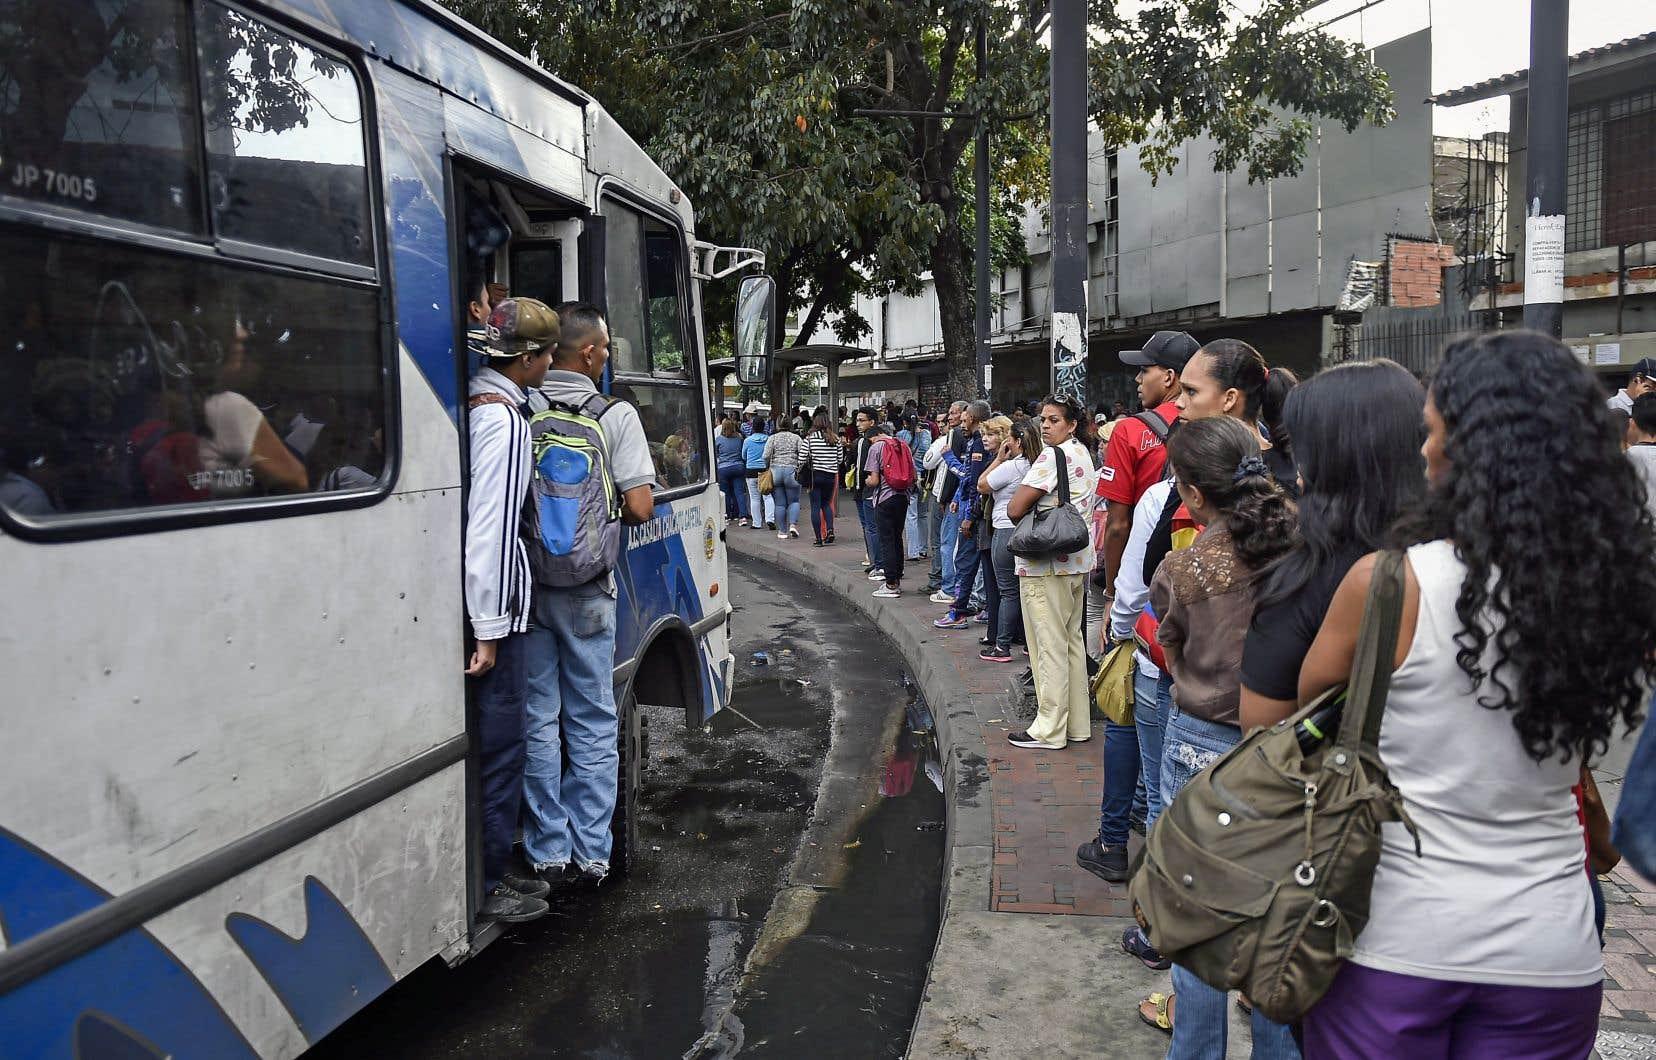 Des Vénézuéliens font la queue en attendant l'autobus, mardi. Les États-Unis ont décidé, lundi, d'imposer des sanctions à la compagnie pétrolière nationale PDVSA, dont ils ont gelé les avoirs à l'étranger, entre autres.